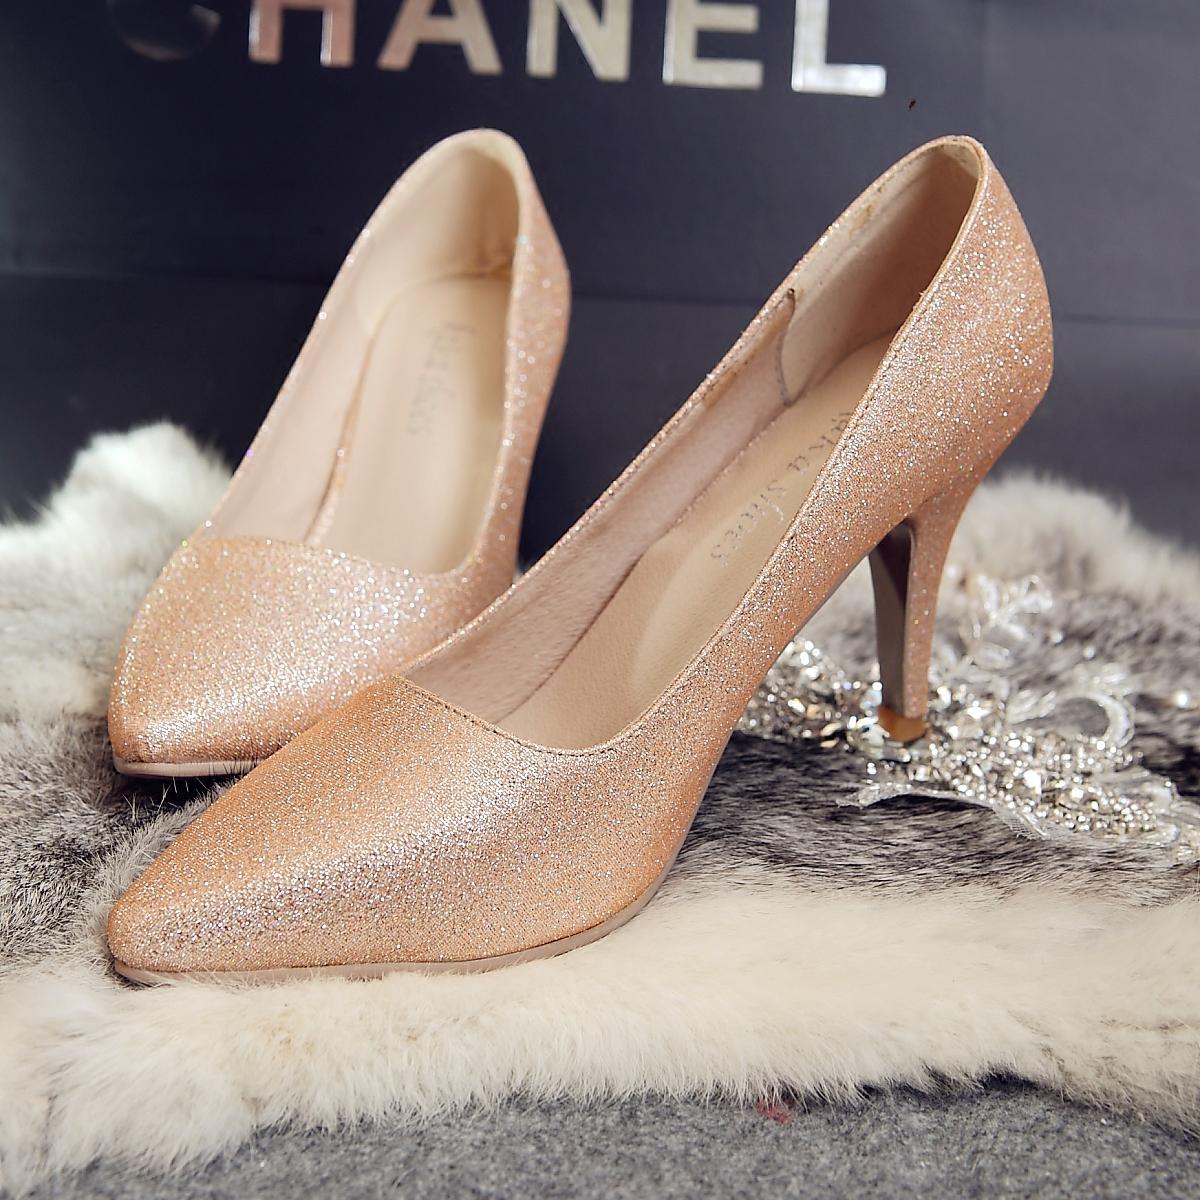 红色单鞋 晚会鞋晚宴单鞋 高跟婚鞋女金色尖头女鞋红色新娘鞋亮粉水钻单鞋_推荐淘宝好看的红色单鞋